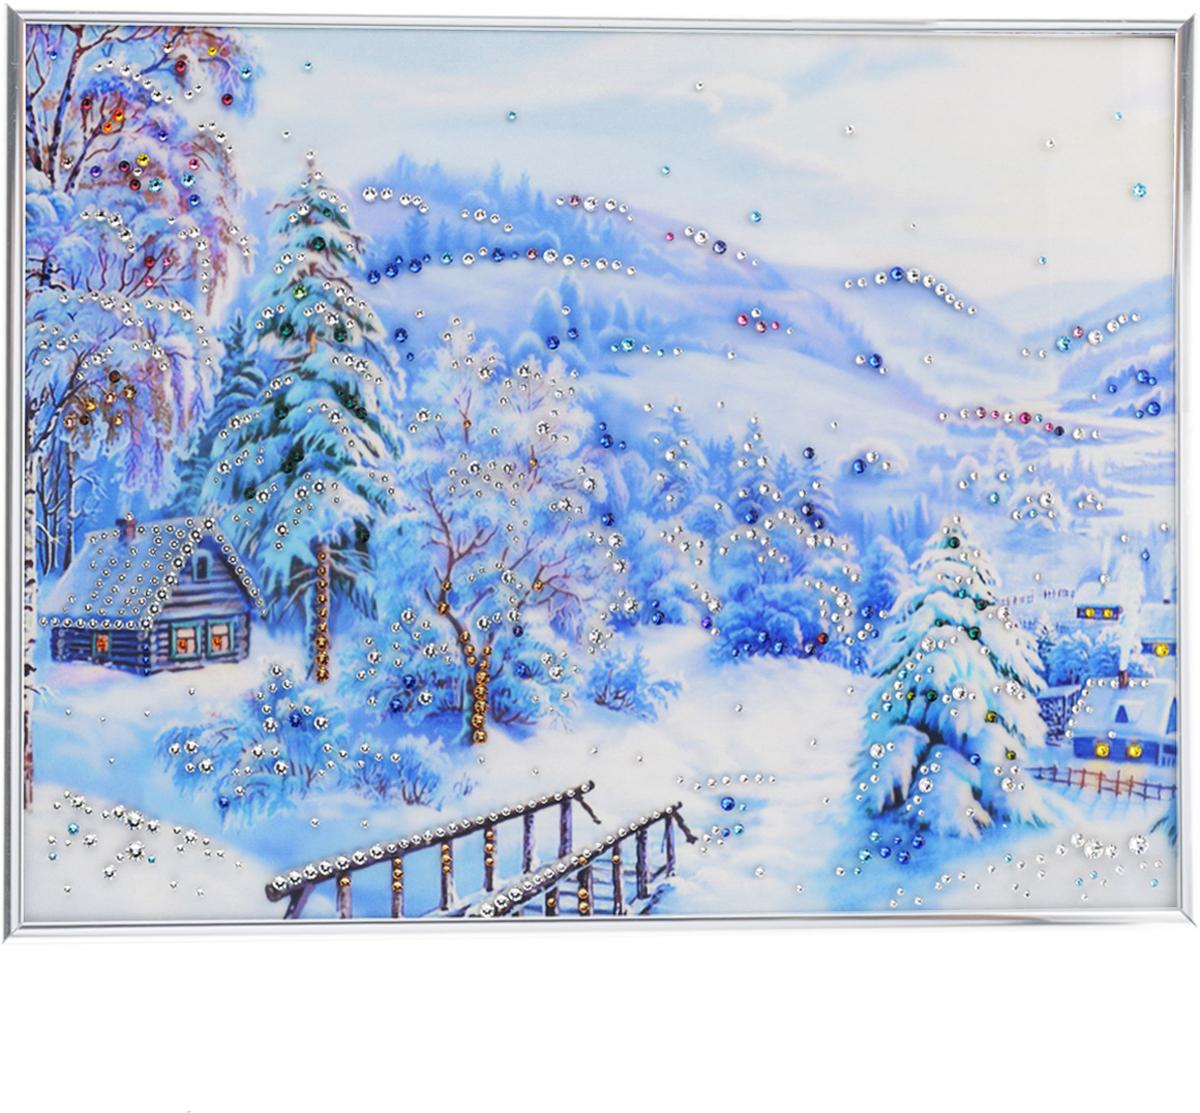 Картина с кристаллами Swarovski Зима, 40 х 30 см1109Изящная картина в металлической раме, инкрустирована кристаллами Swarovski, которые отличаются четкой и ровной огранкой, ярким блеском и чистотой цвета. Красочное изображение зимнего пейзажа, расположенное под стеклом, прекрасно дополняет блеск кристаллов. С обратной стороны имеется металлическая петелька для размещения картины на стене. Картина с кристаллами Swarovski Зима элегантно украсит интерьер дома или офиса, а также станет прекрасным подарком, который обязательно понравится получателю. Блеск кристаллов в интерьере, что может быть сказочнее и удивительнее. Картина упакована в подарочную картонную коробку синего цвета и комплектуется сертификатом соответствия Swarovski.